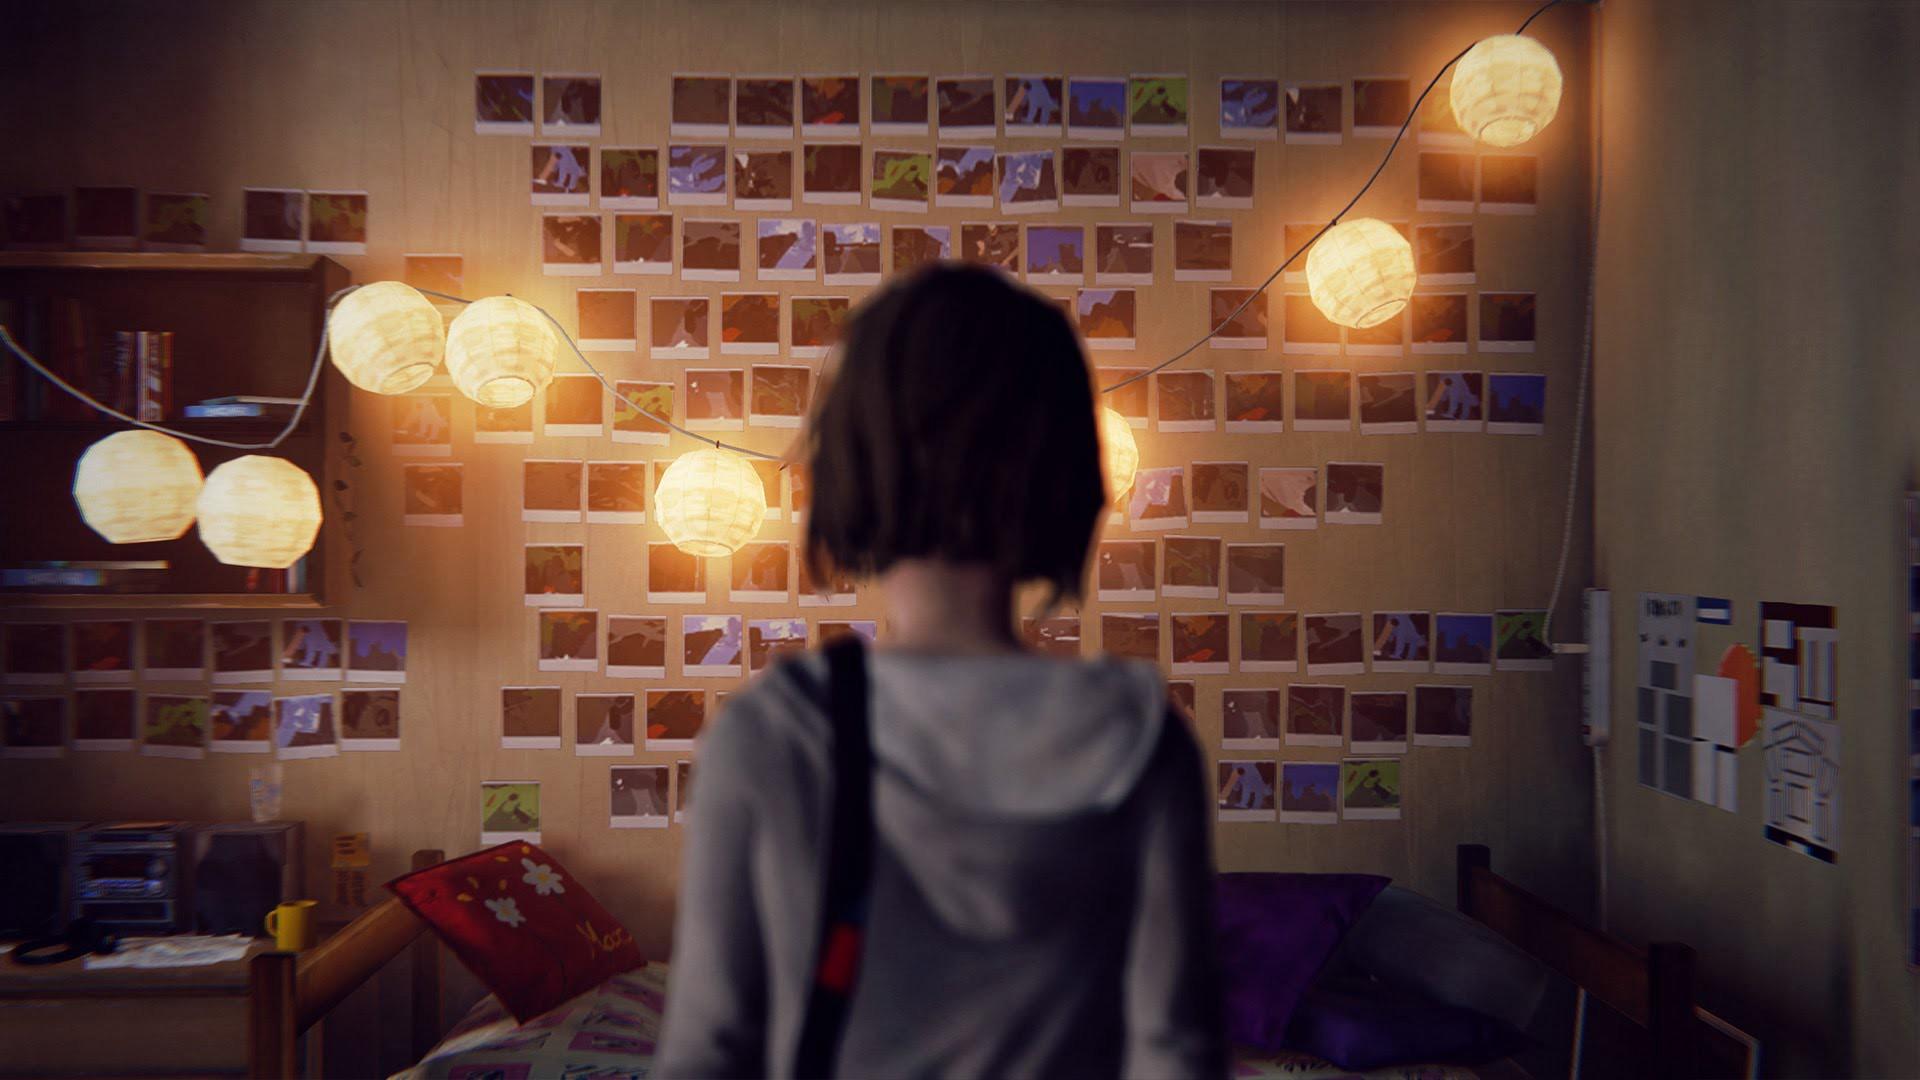 video žaidimai; kompiuteriniai žaidimai; tv; protagonistas; žurnalas; televizija; netflixas; Telltale; The Walking Dead; Hitman; Life is Strange; Epizodiniai žaidimai; TV;